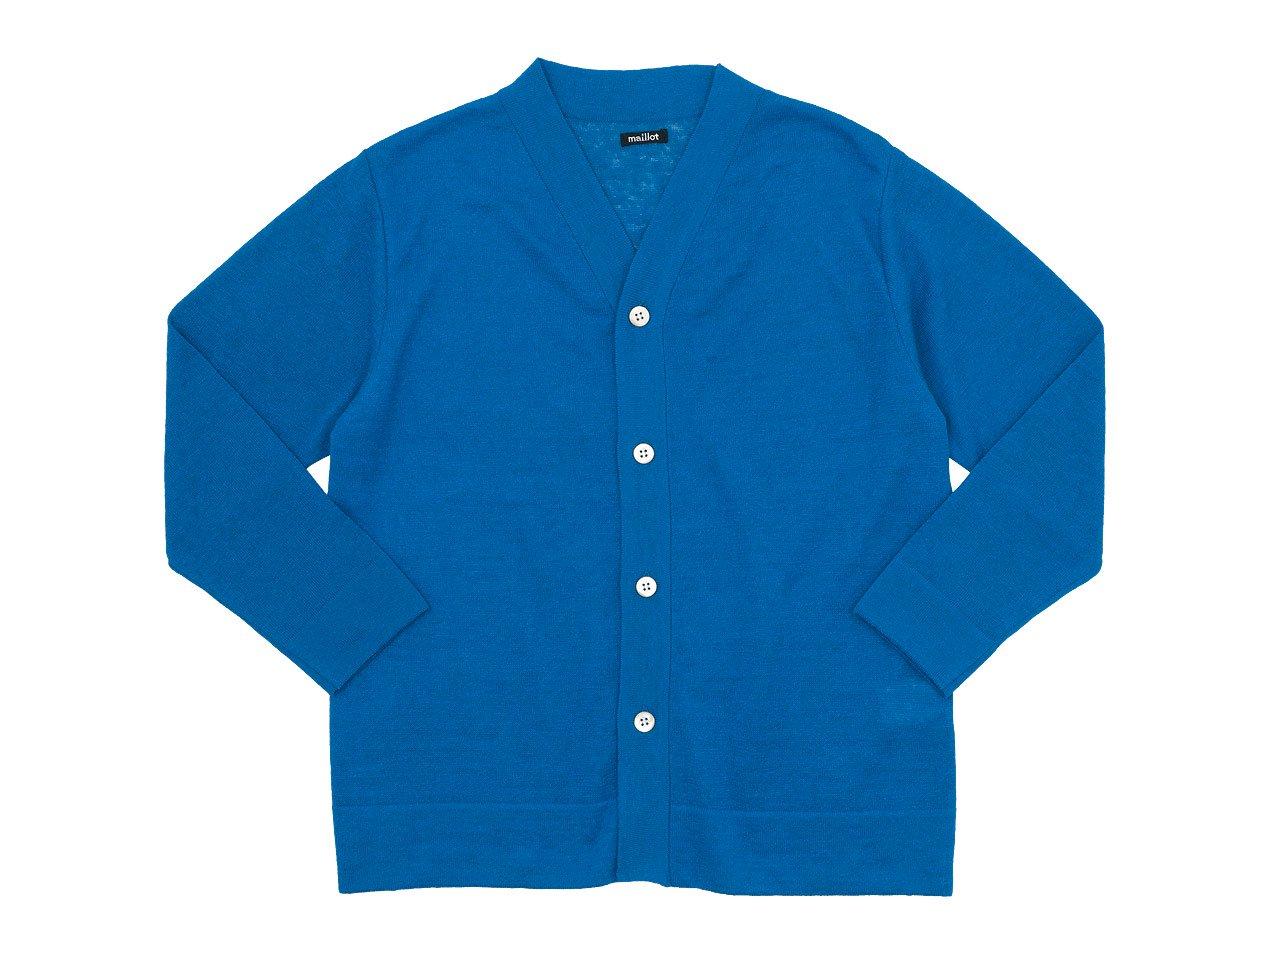 maillot mature linen summer cardigan BLUE